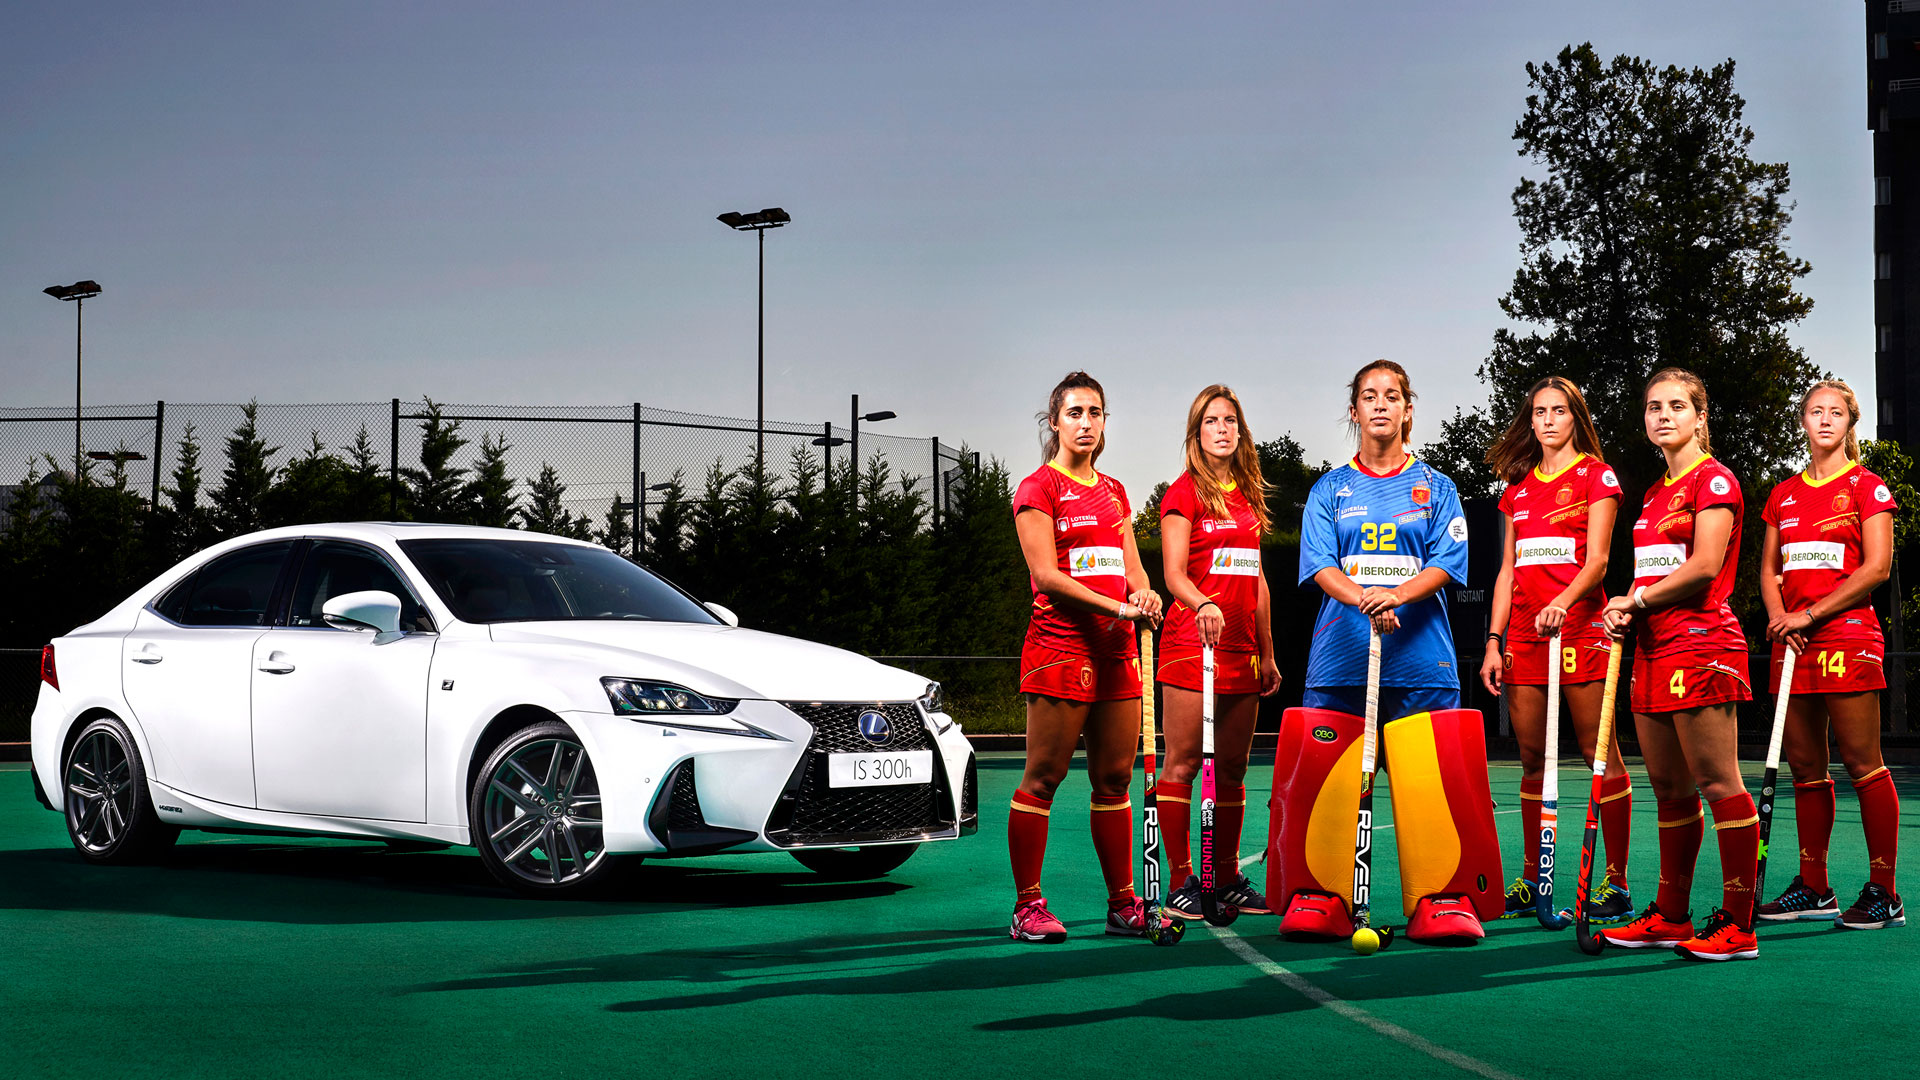 Lexus patrocinador de la RFEH hero asset